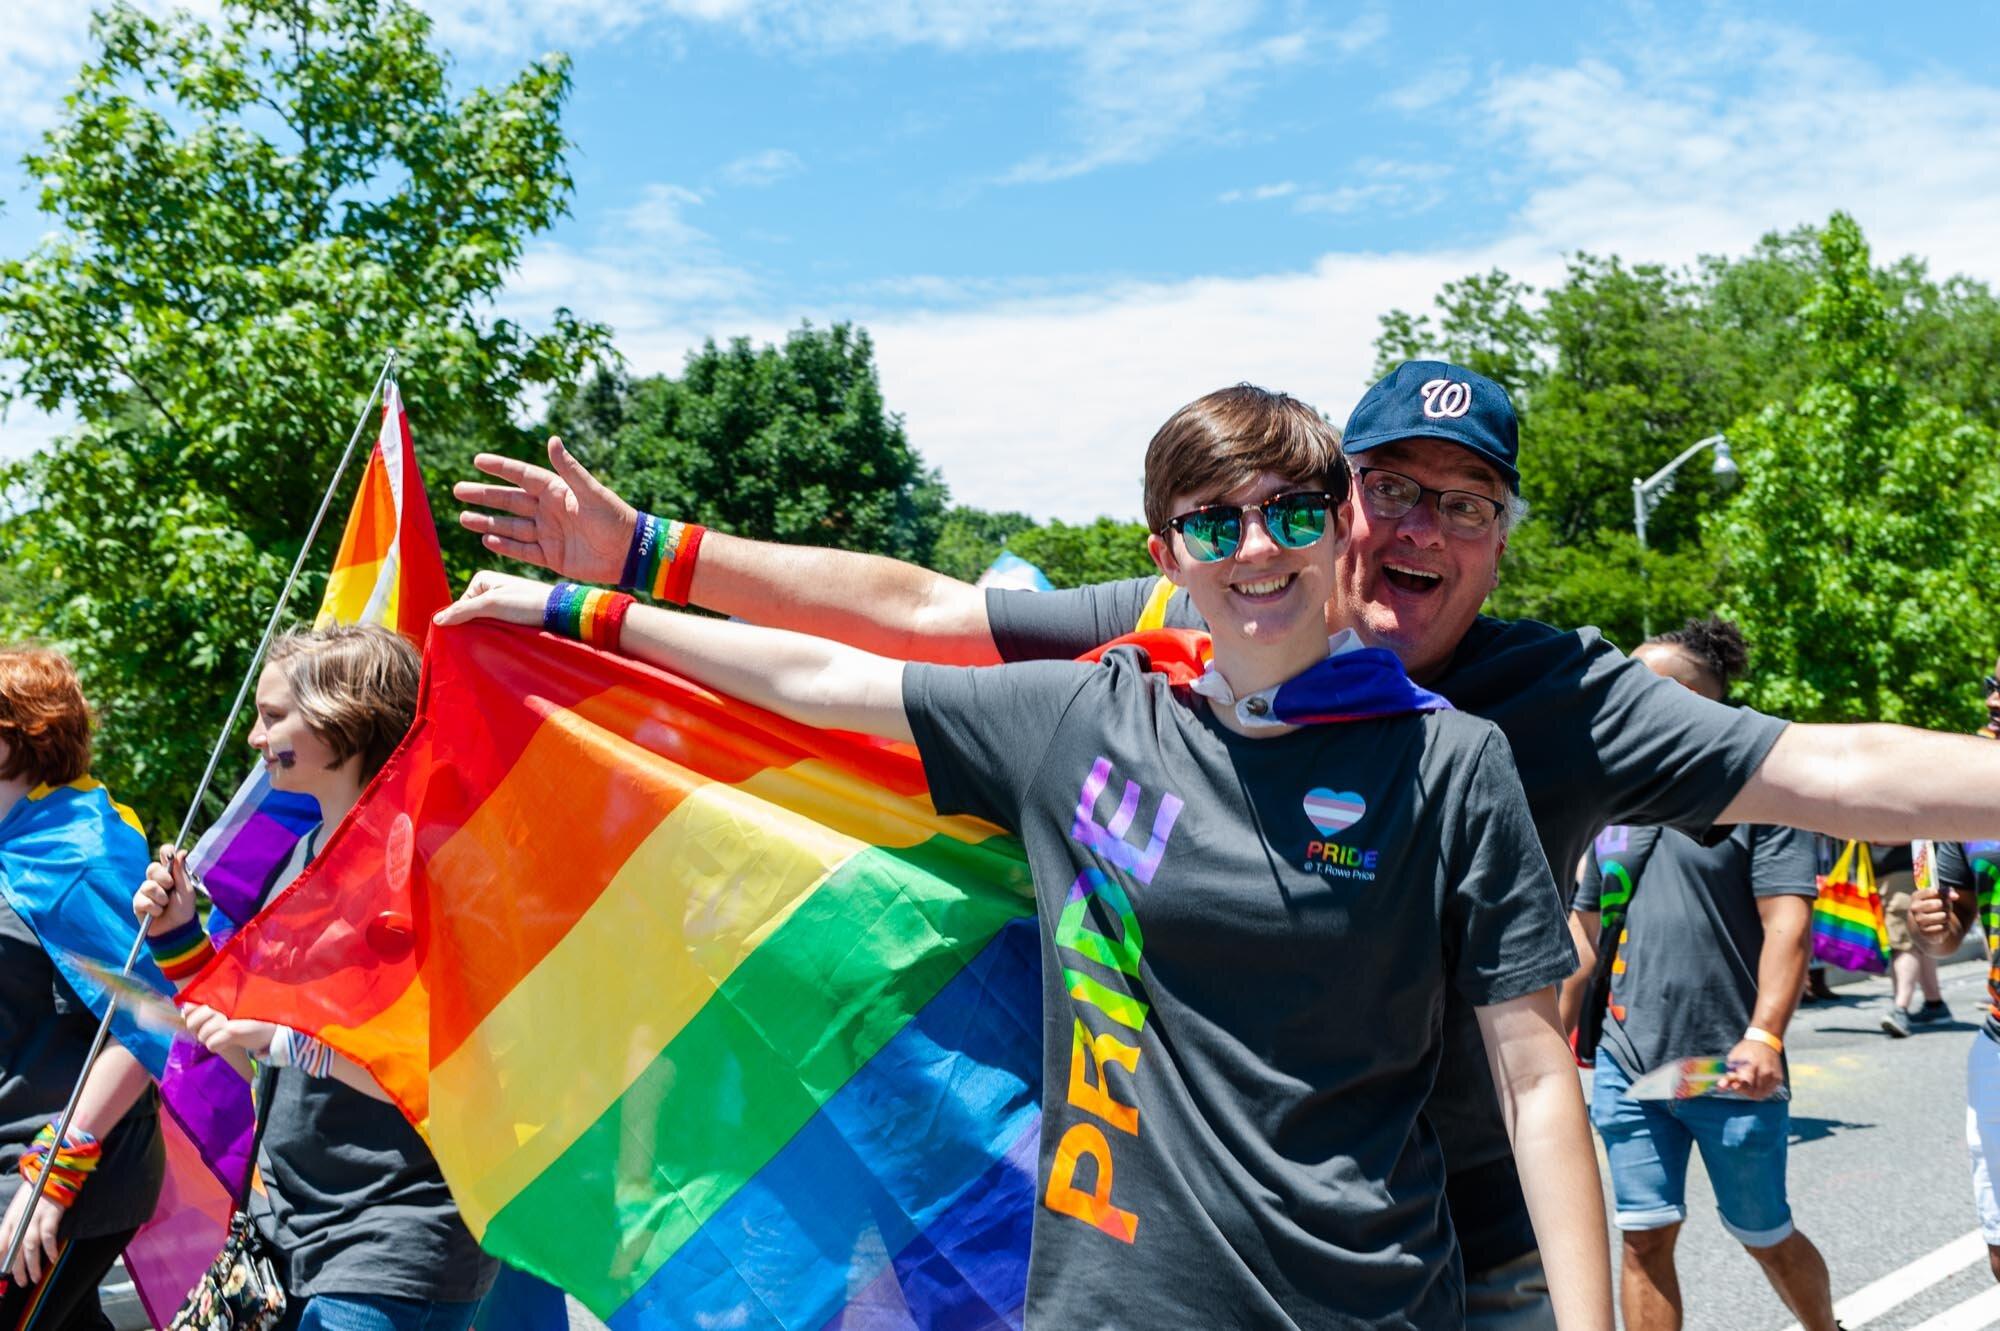 Emily Lewis Creative_Baltimore Pride Parade_2019-06-15-27.jpg